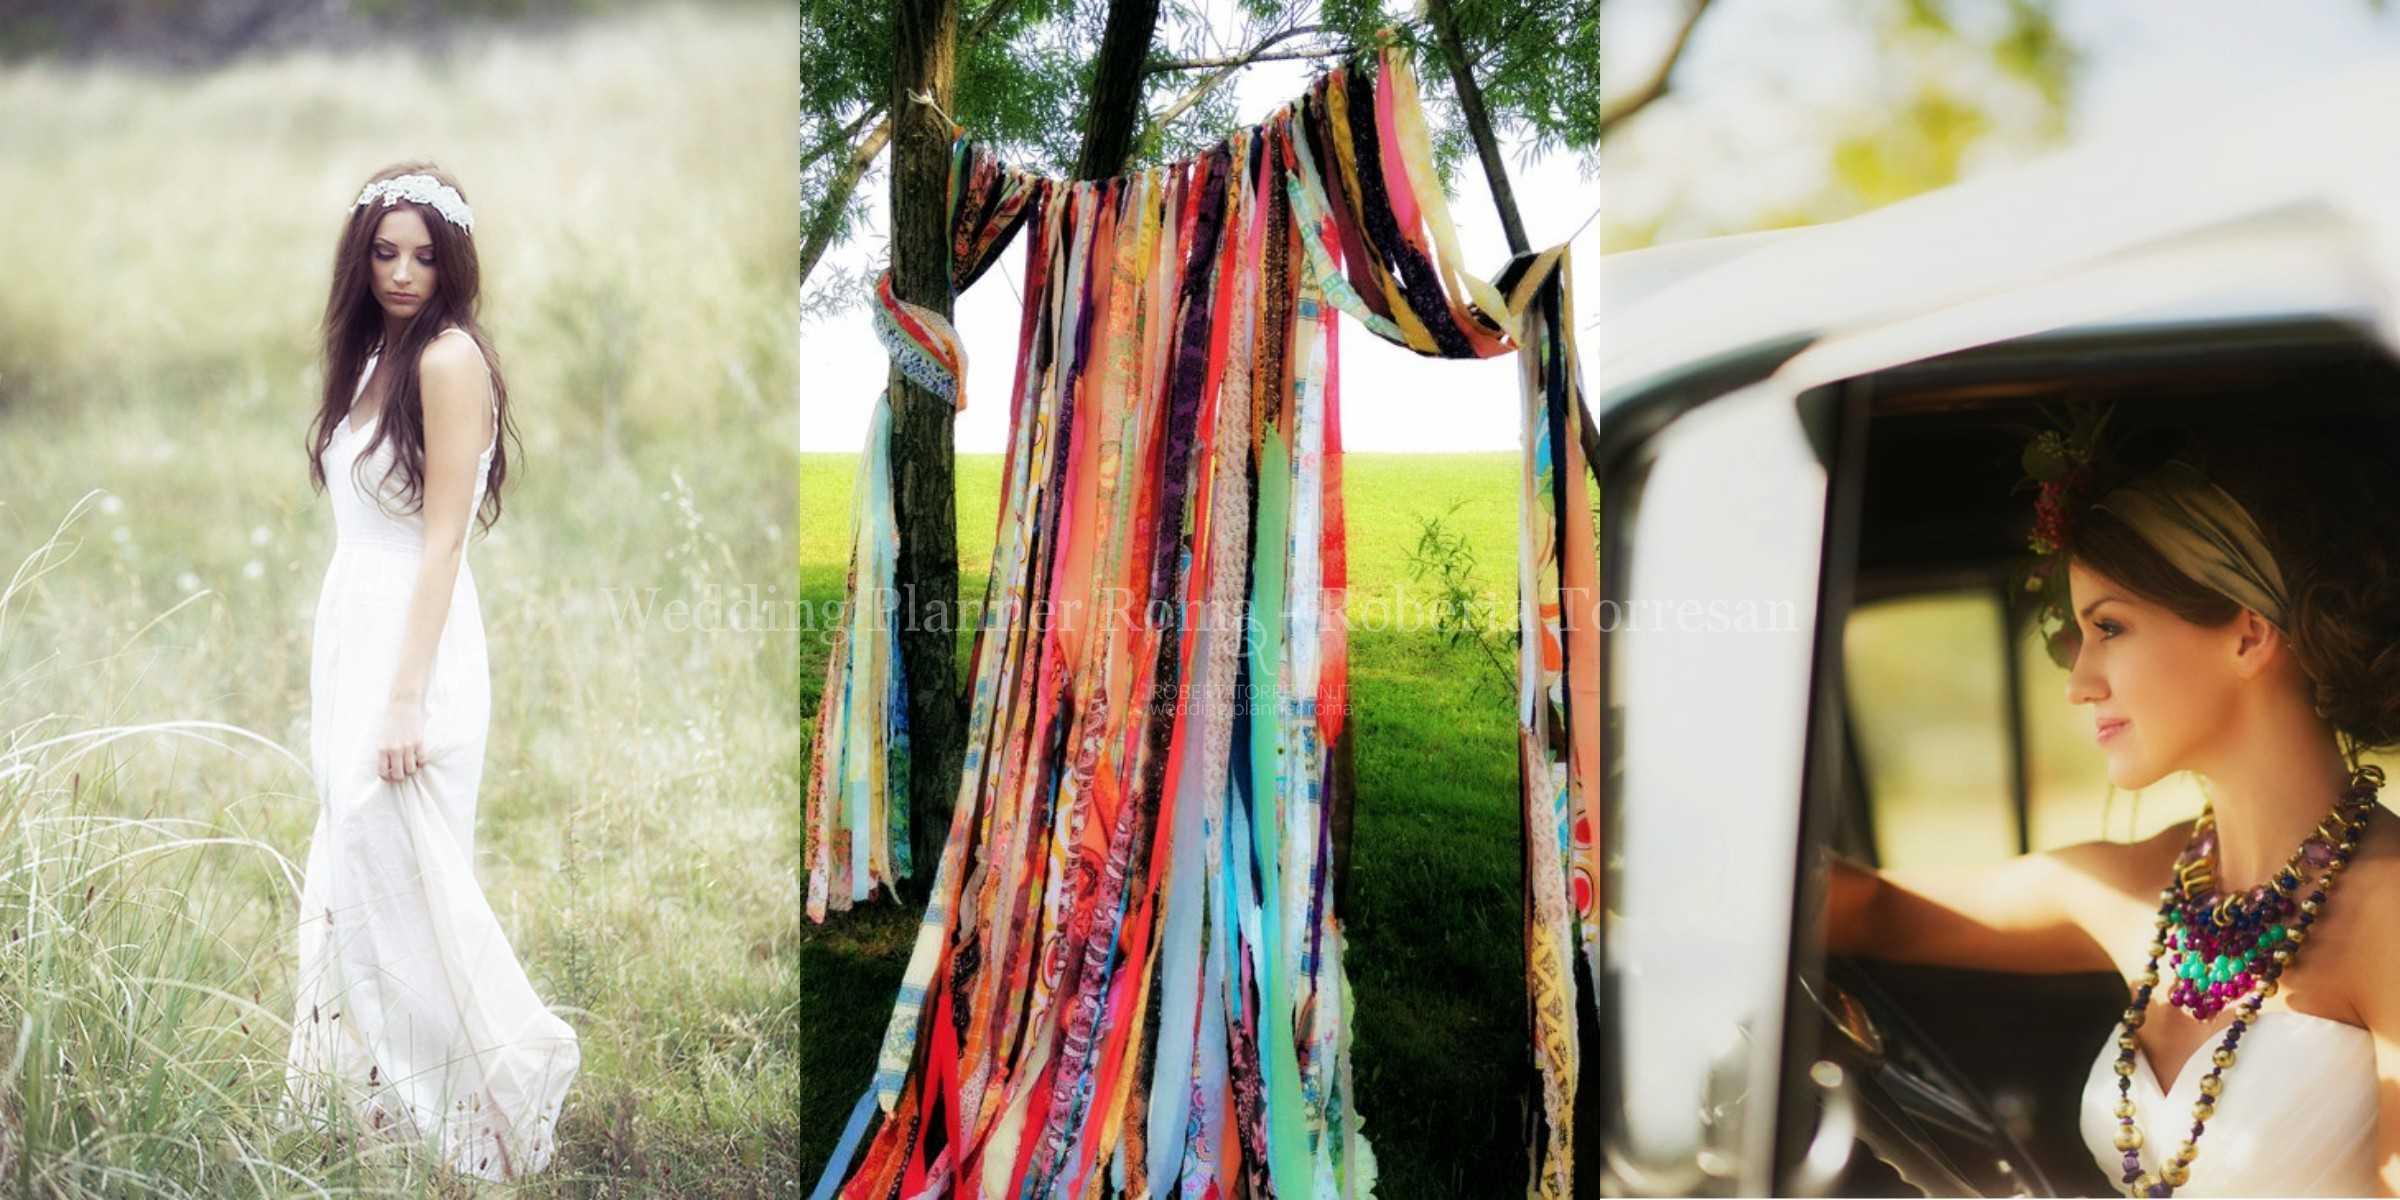 Matrimonio Tema Hippie : Matrimonio boho chic nozze bohemienne